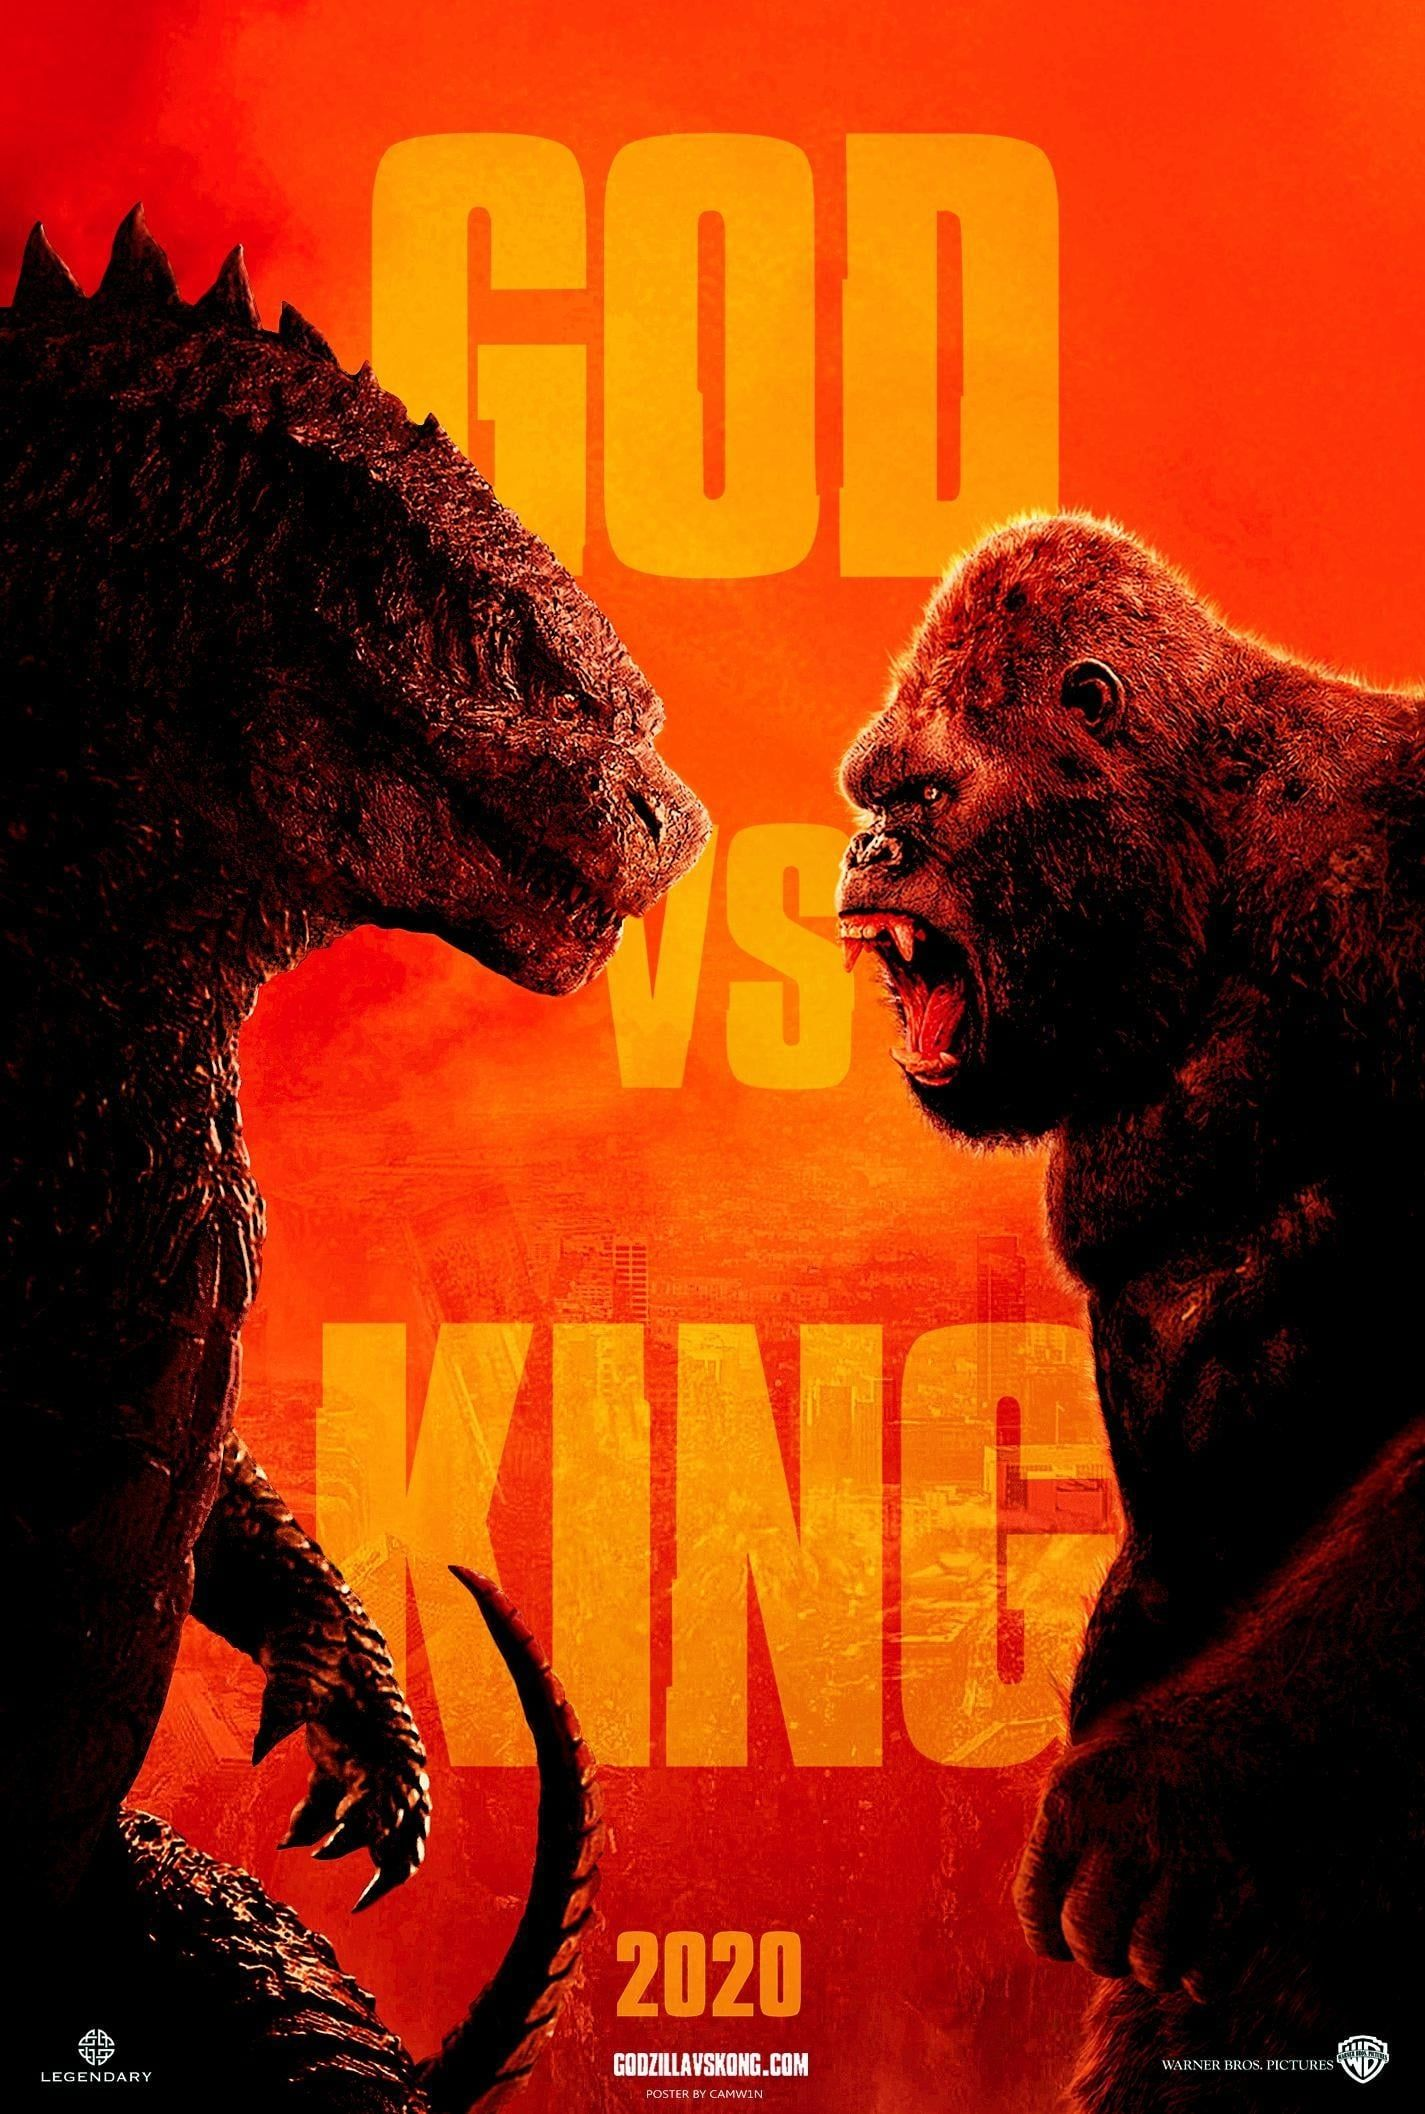 2019 Download Godzilla Vs Kong Film Cmplet Ita Godzilla Wallpaper King Kong Vs Godzilla Godzilla